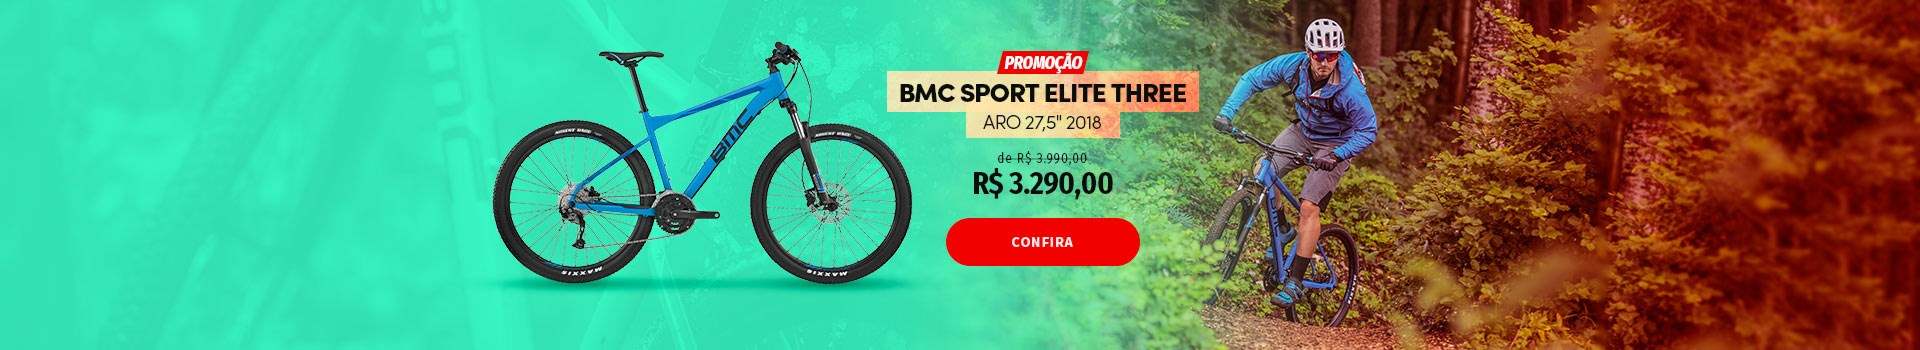 """BMC Sport Elite Three Aro 27,5"""" 2018 em promoção"""